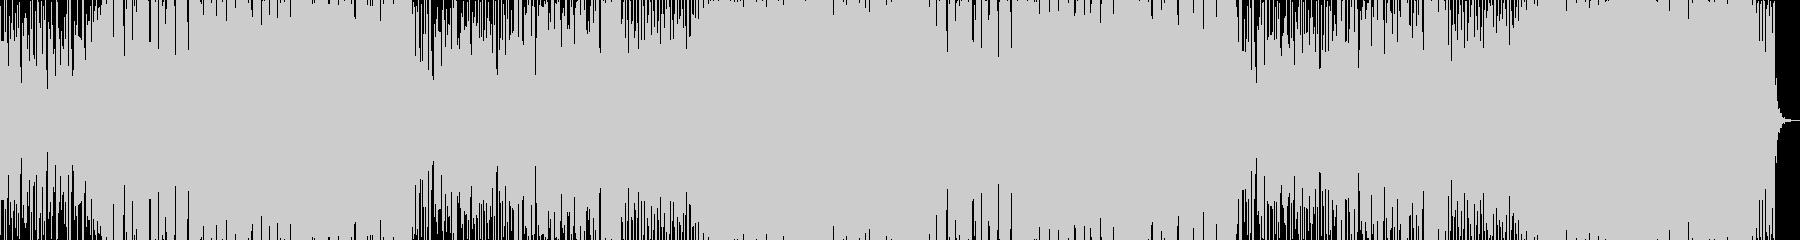 爽やかな和風メロディーのEDMの未再生の波形